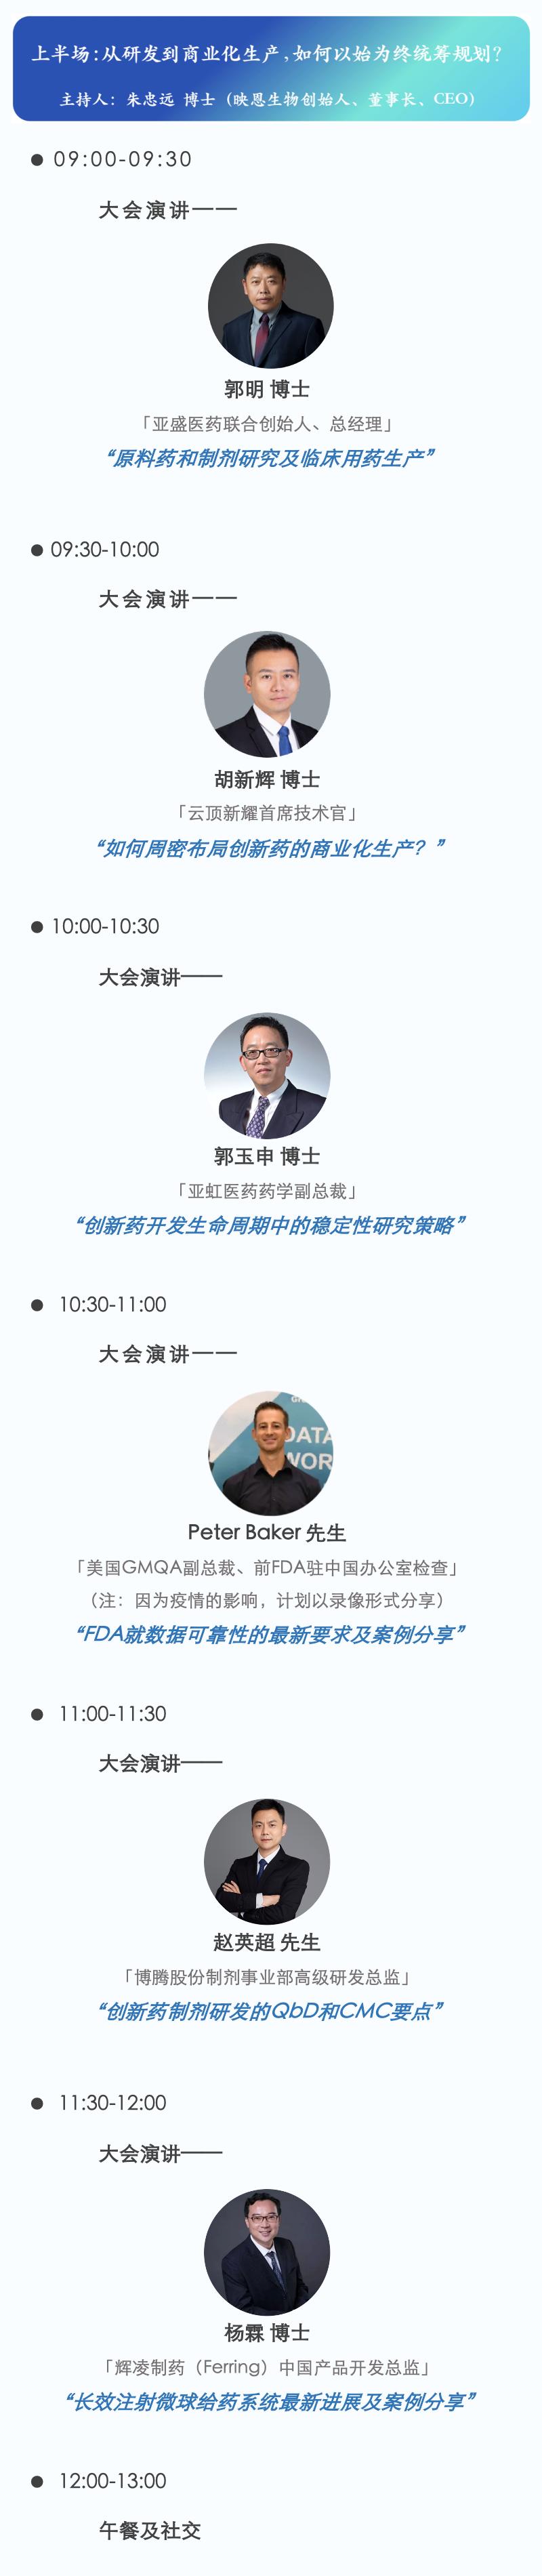 CMC高峰论坛最新时间和地点:11月10-12日·上海张江博雅酒店